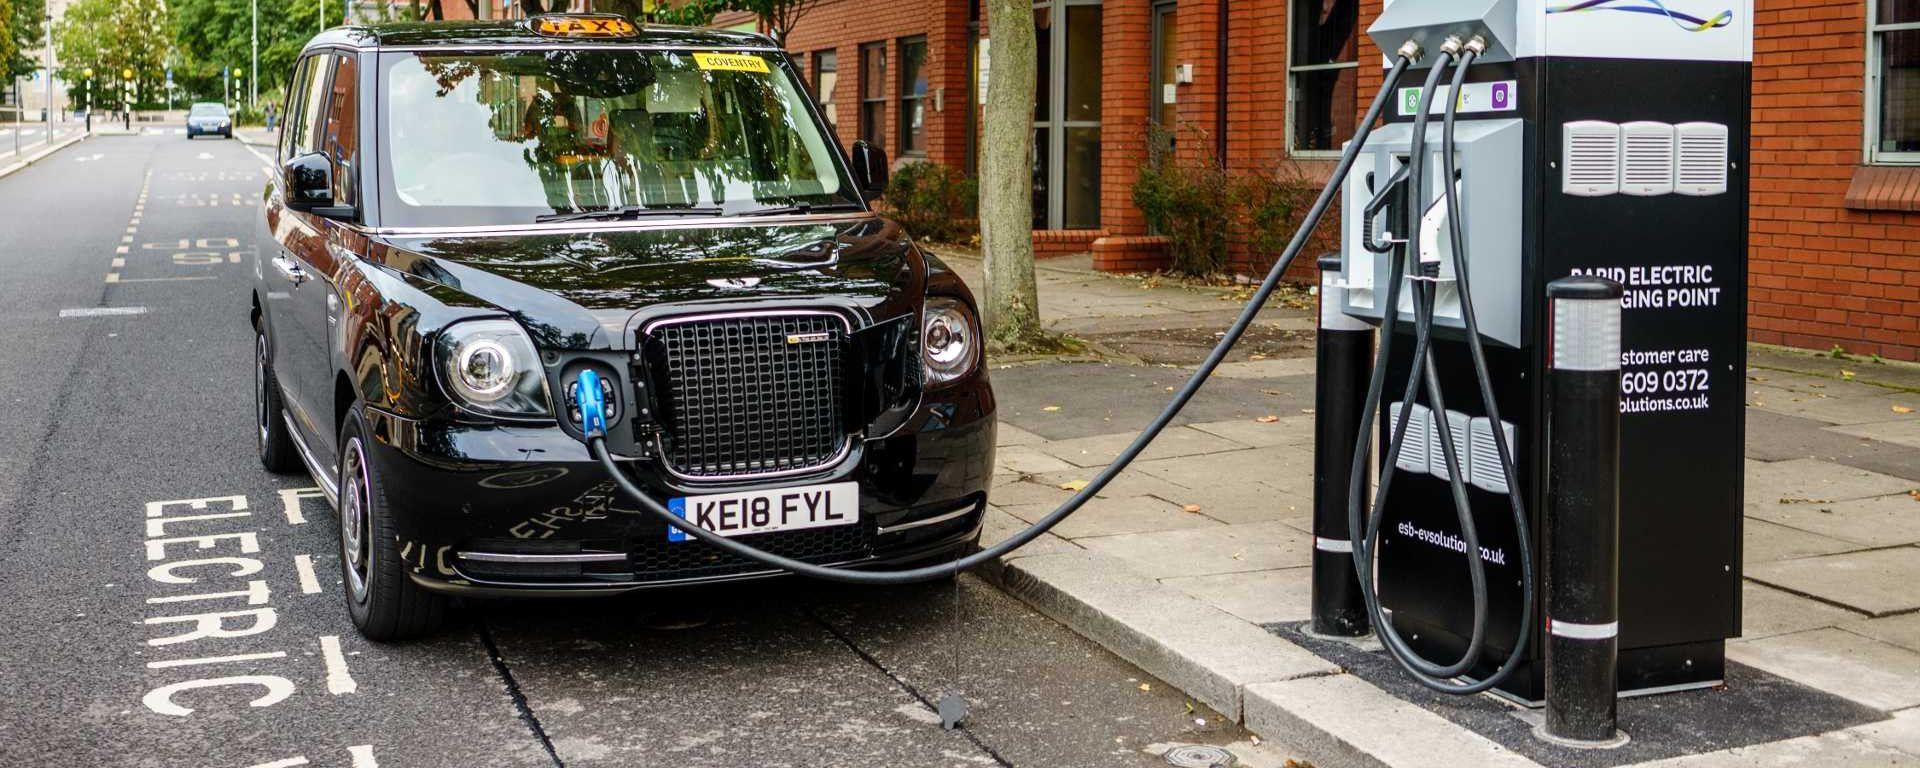 Auto elettrica, in UK diesel e benzina al bando dal 2030? - MotorBox